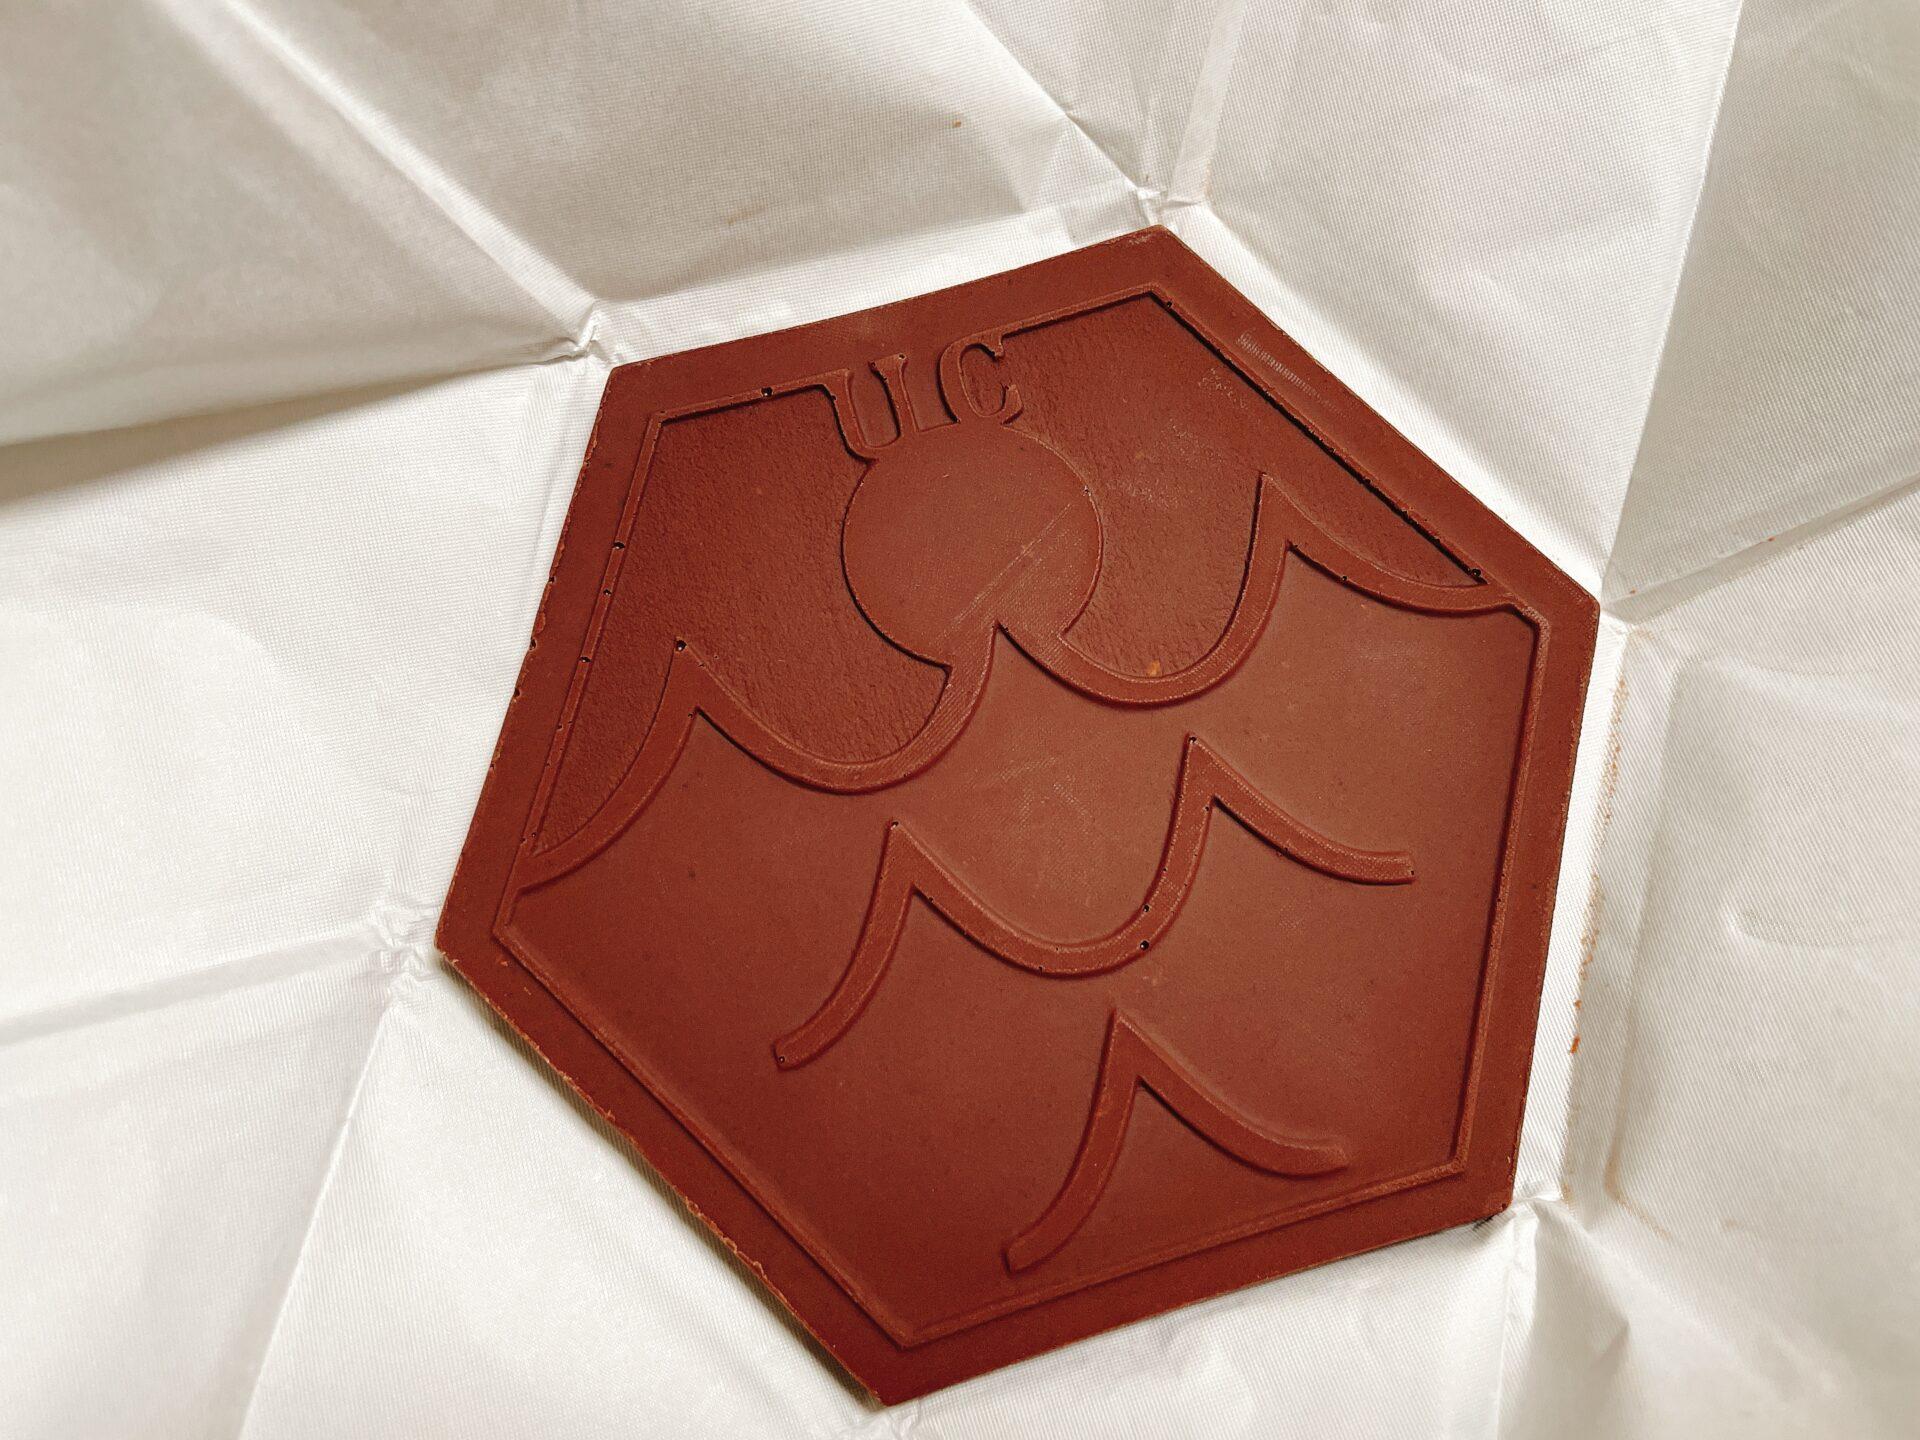 sunya(スンニャ)豪徳寺のティムル入りチョコレート